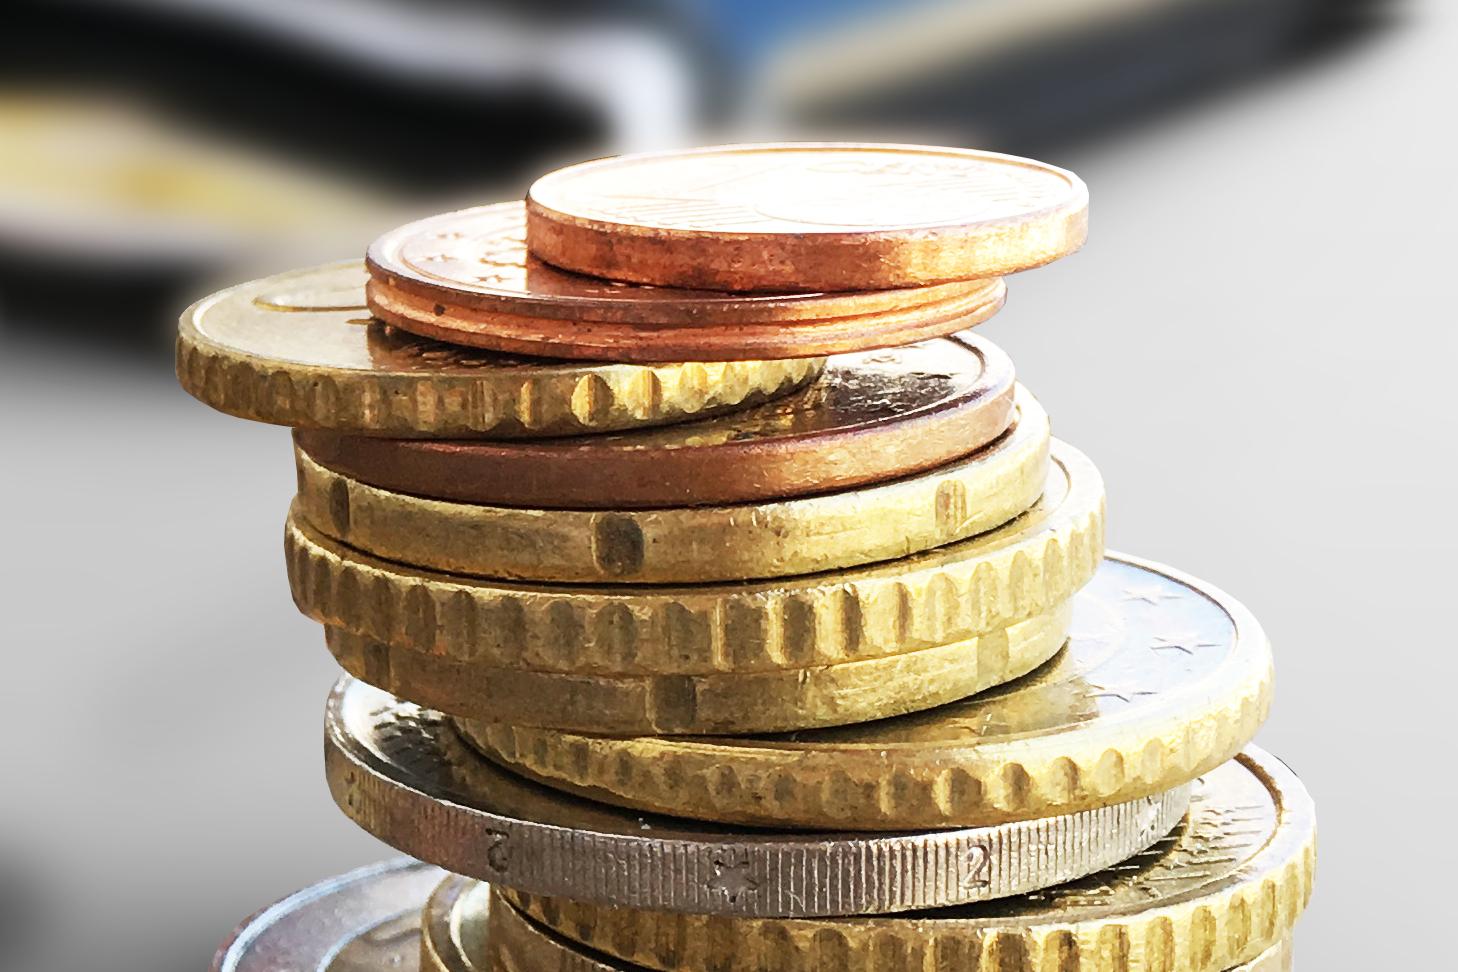 Bedrijven moeten gezamenlijk 290 miljoen euro loonsteun terugbetalen